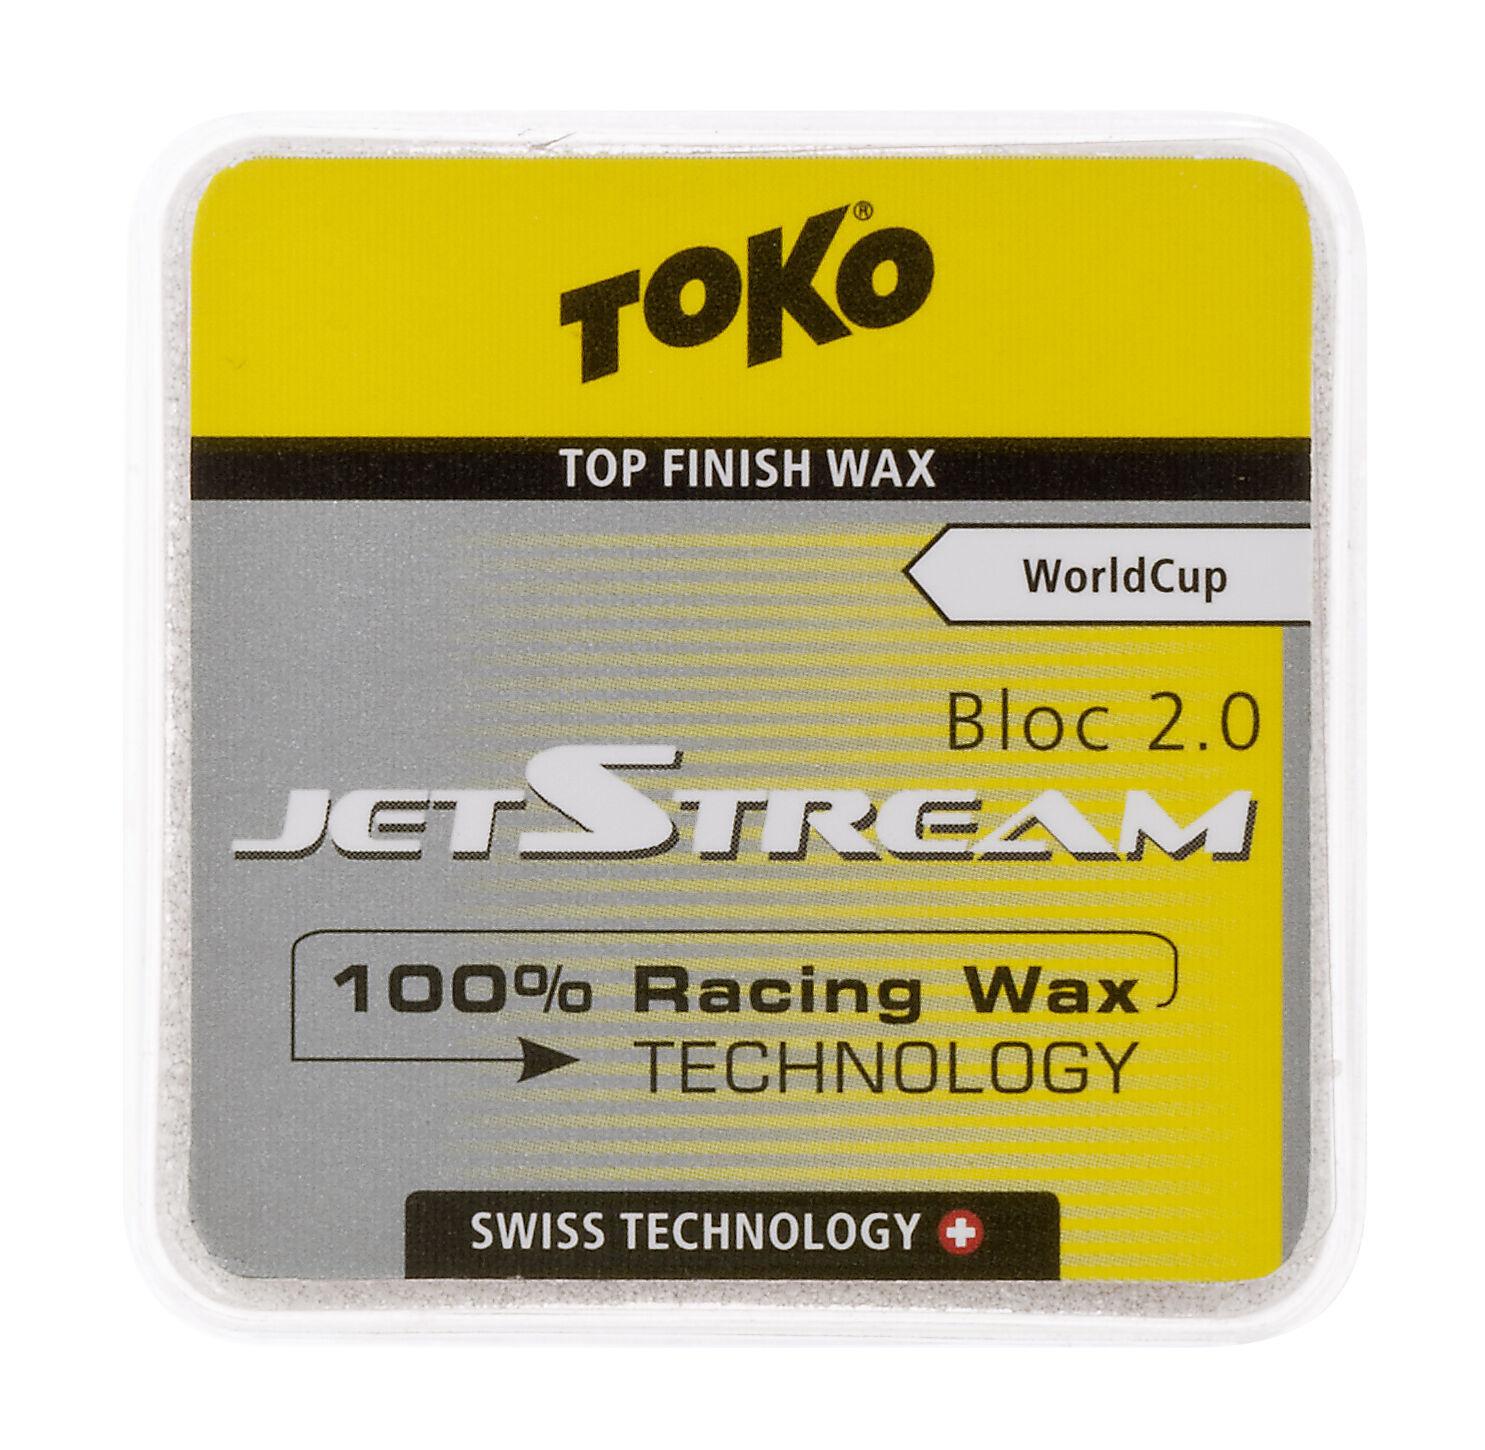 Toko JetStream Bloc 2.0 Yellow 20g